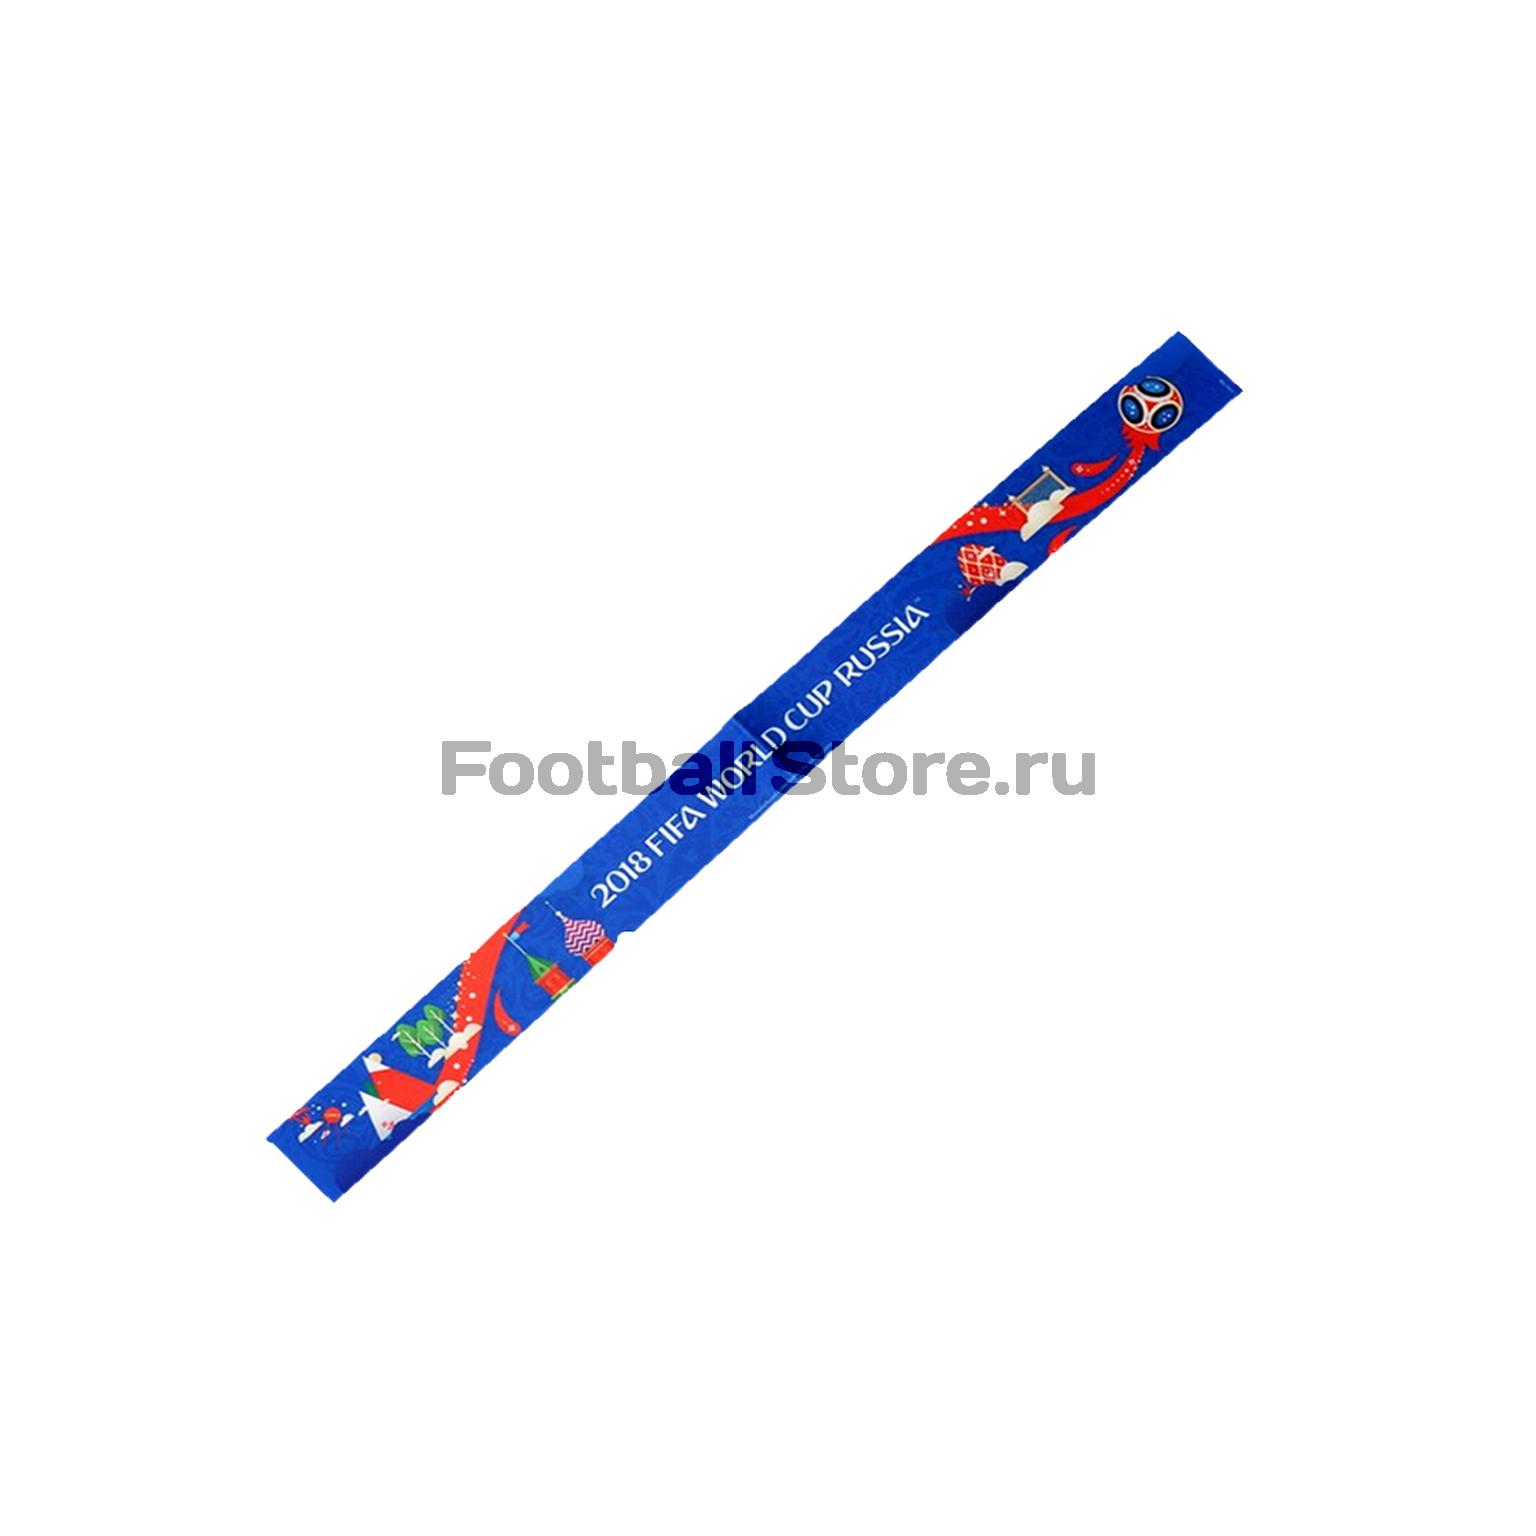 Сувенирная ленточка FIFA-2018 50*4